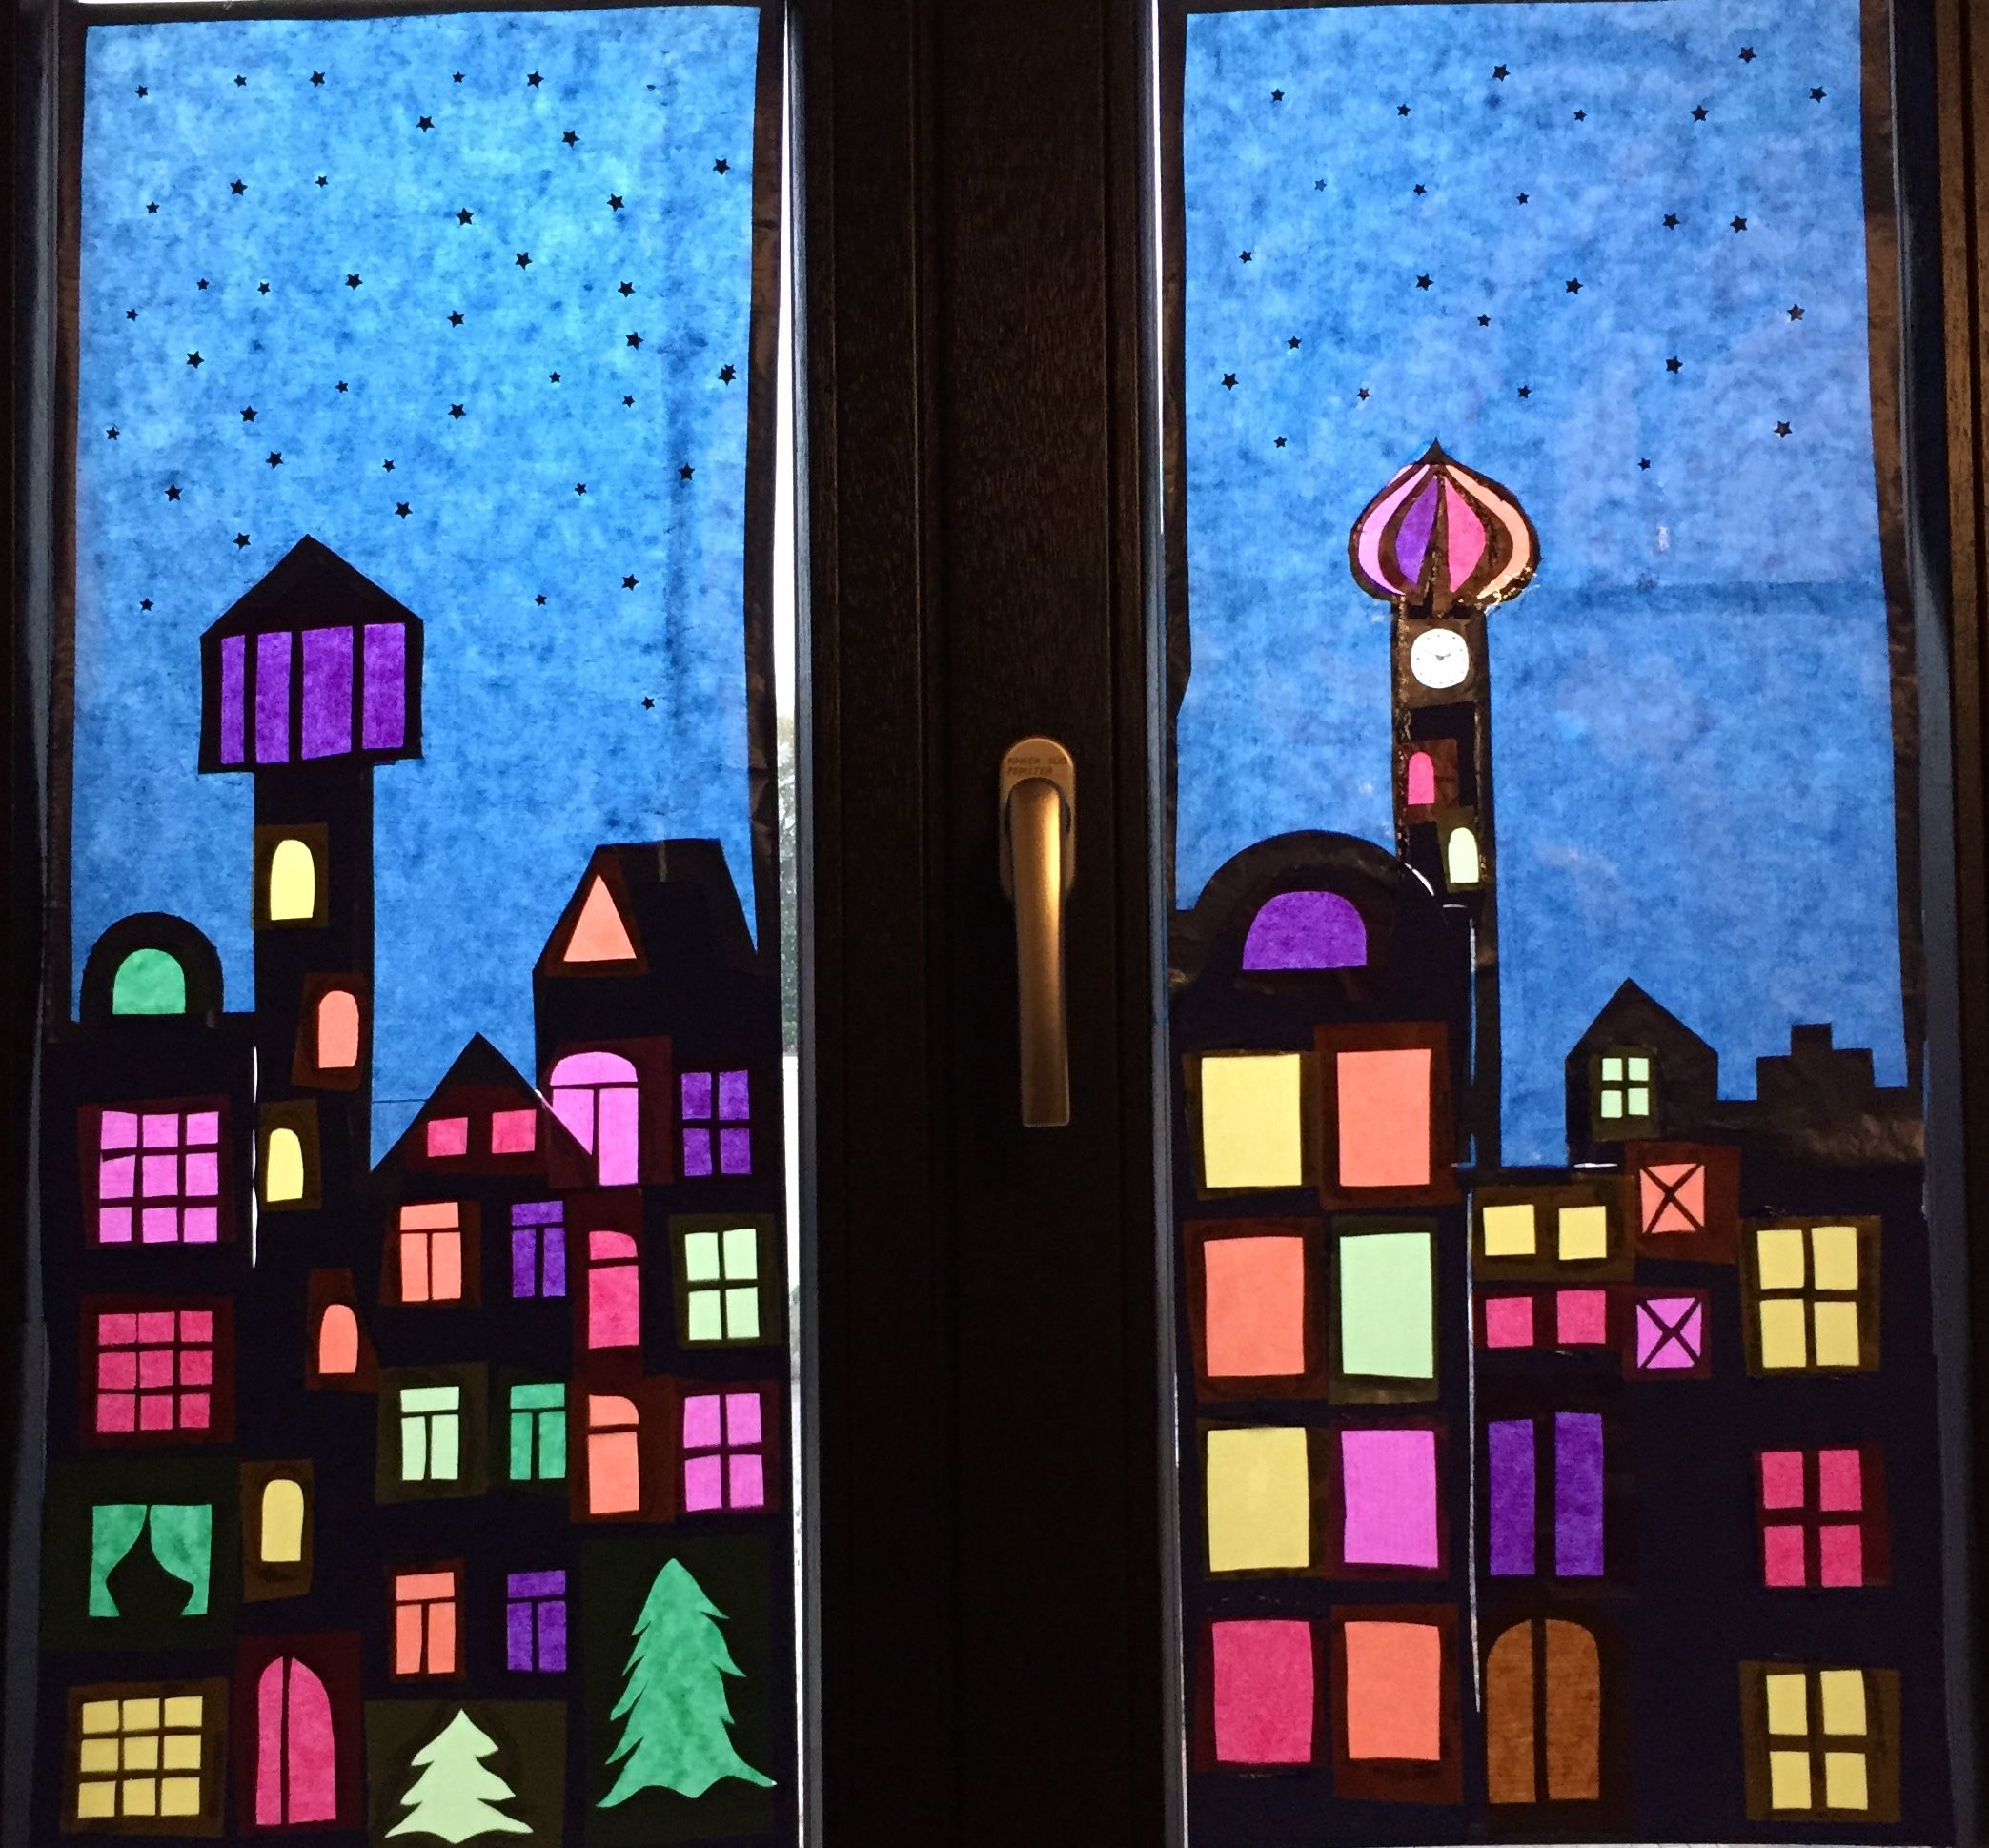 Fensterbild Weihnachten Fensterbilder Weihnachten Basteln Fensterbilder Weihnachten Fensterbilder